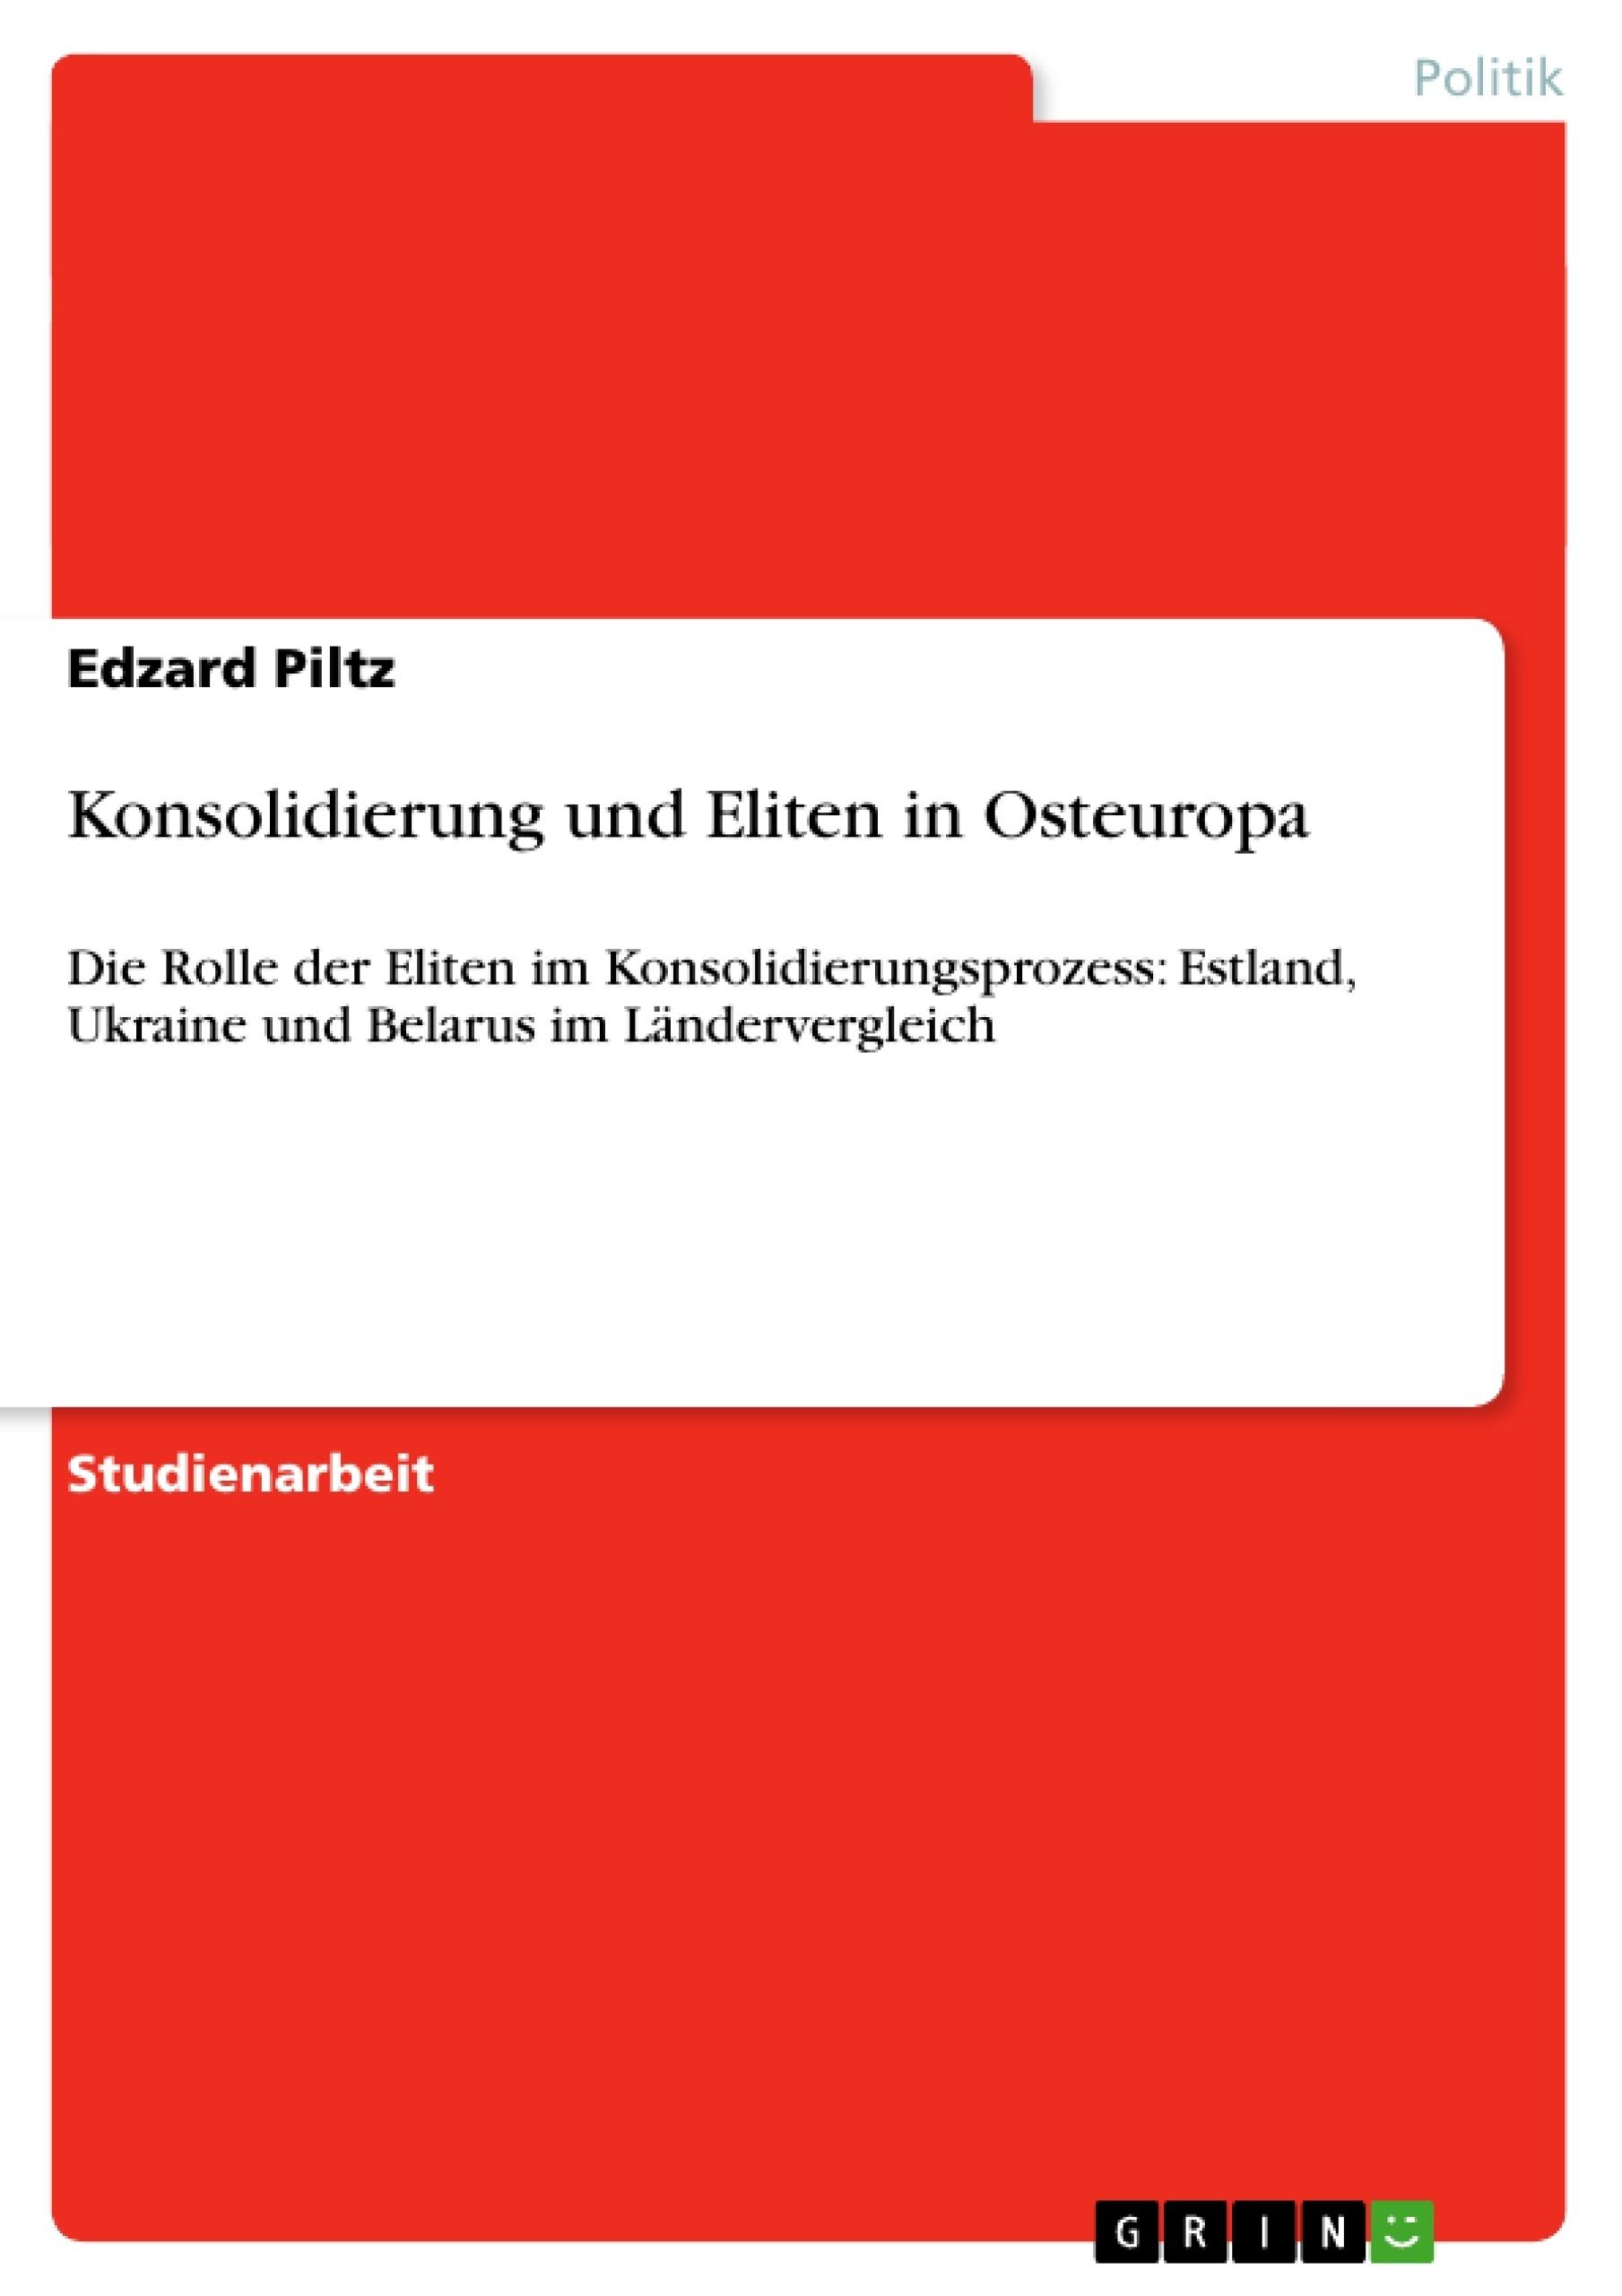 Titel: Konsolidierung und Eliten in Osteuropa